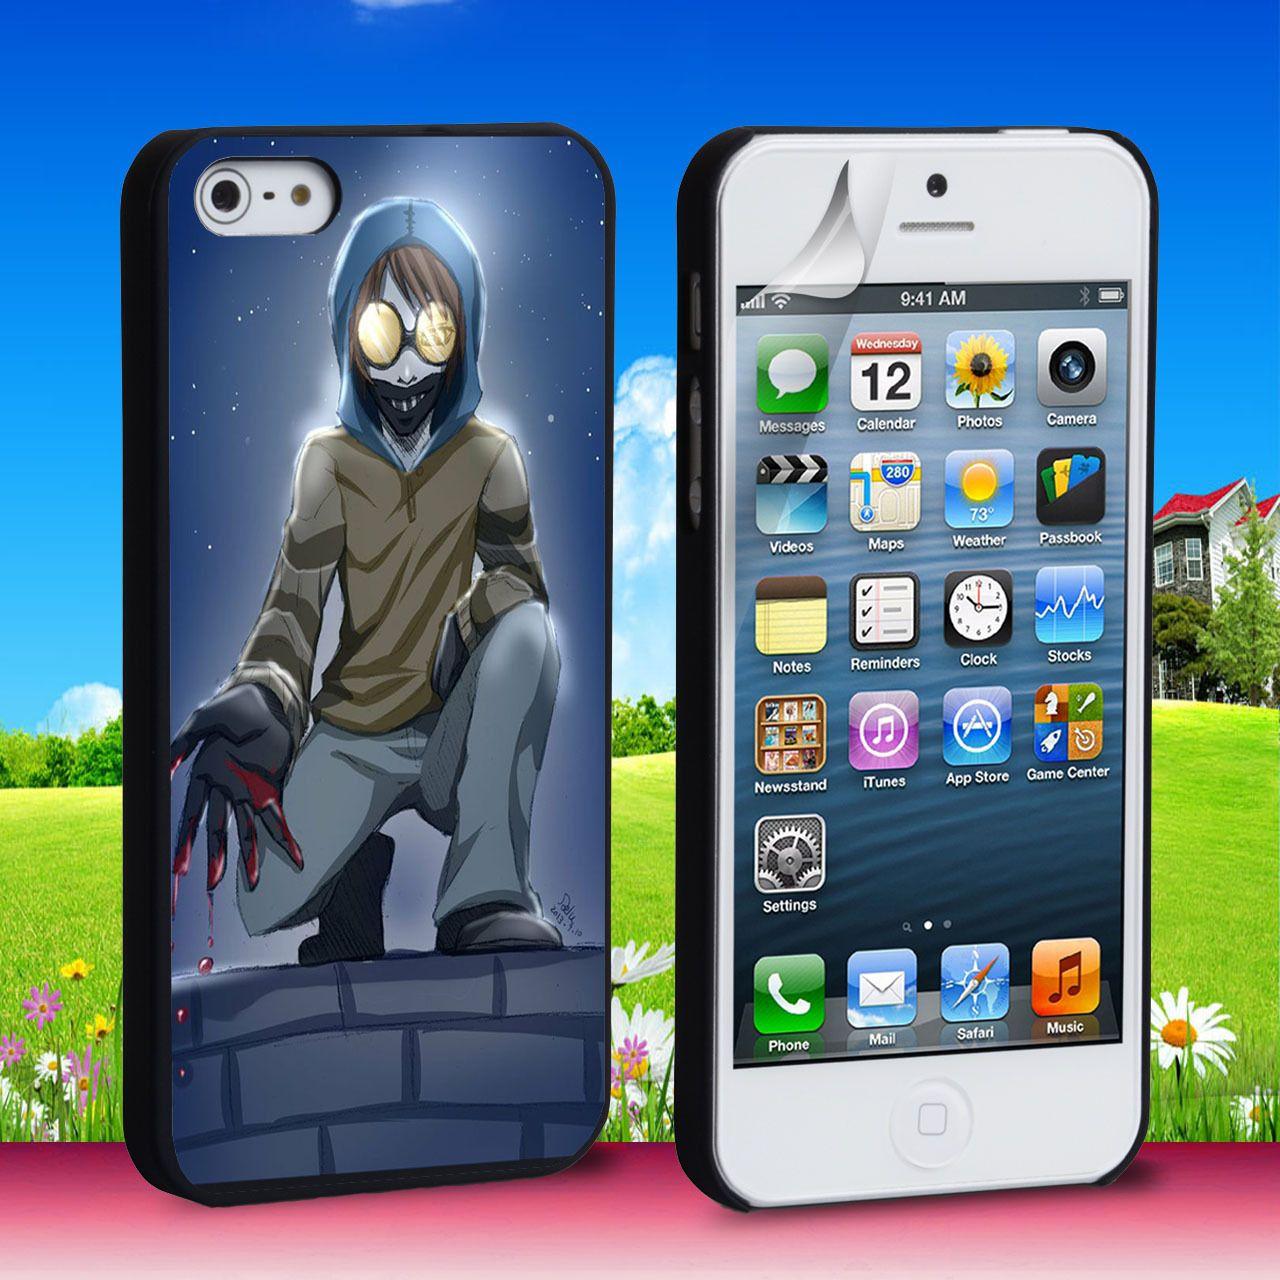 Creepypasta Ticci Toby iPhone 4 5 6 6 Plus Case